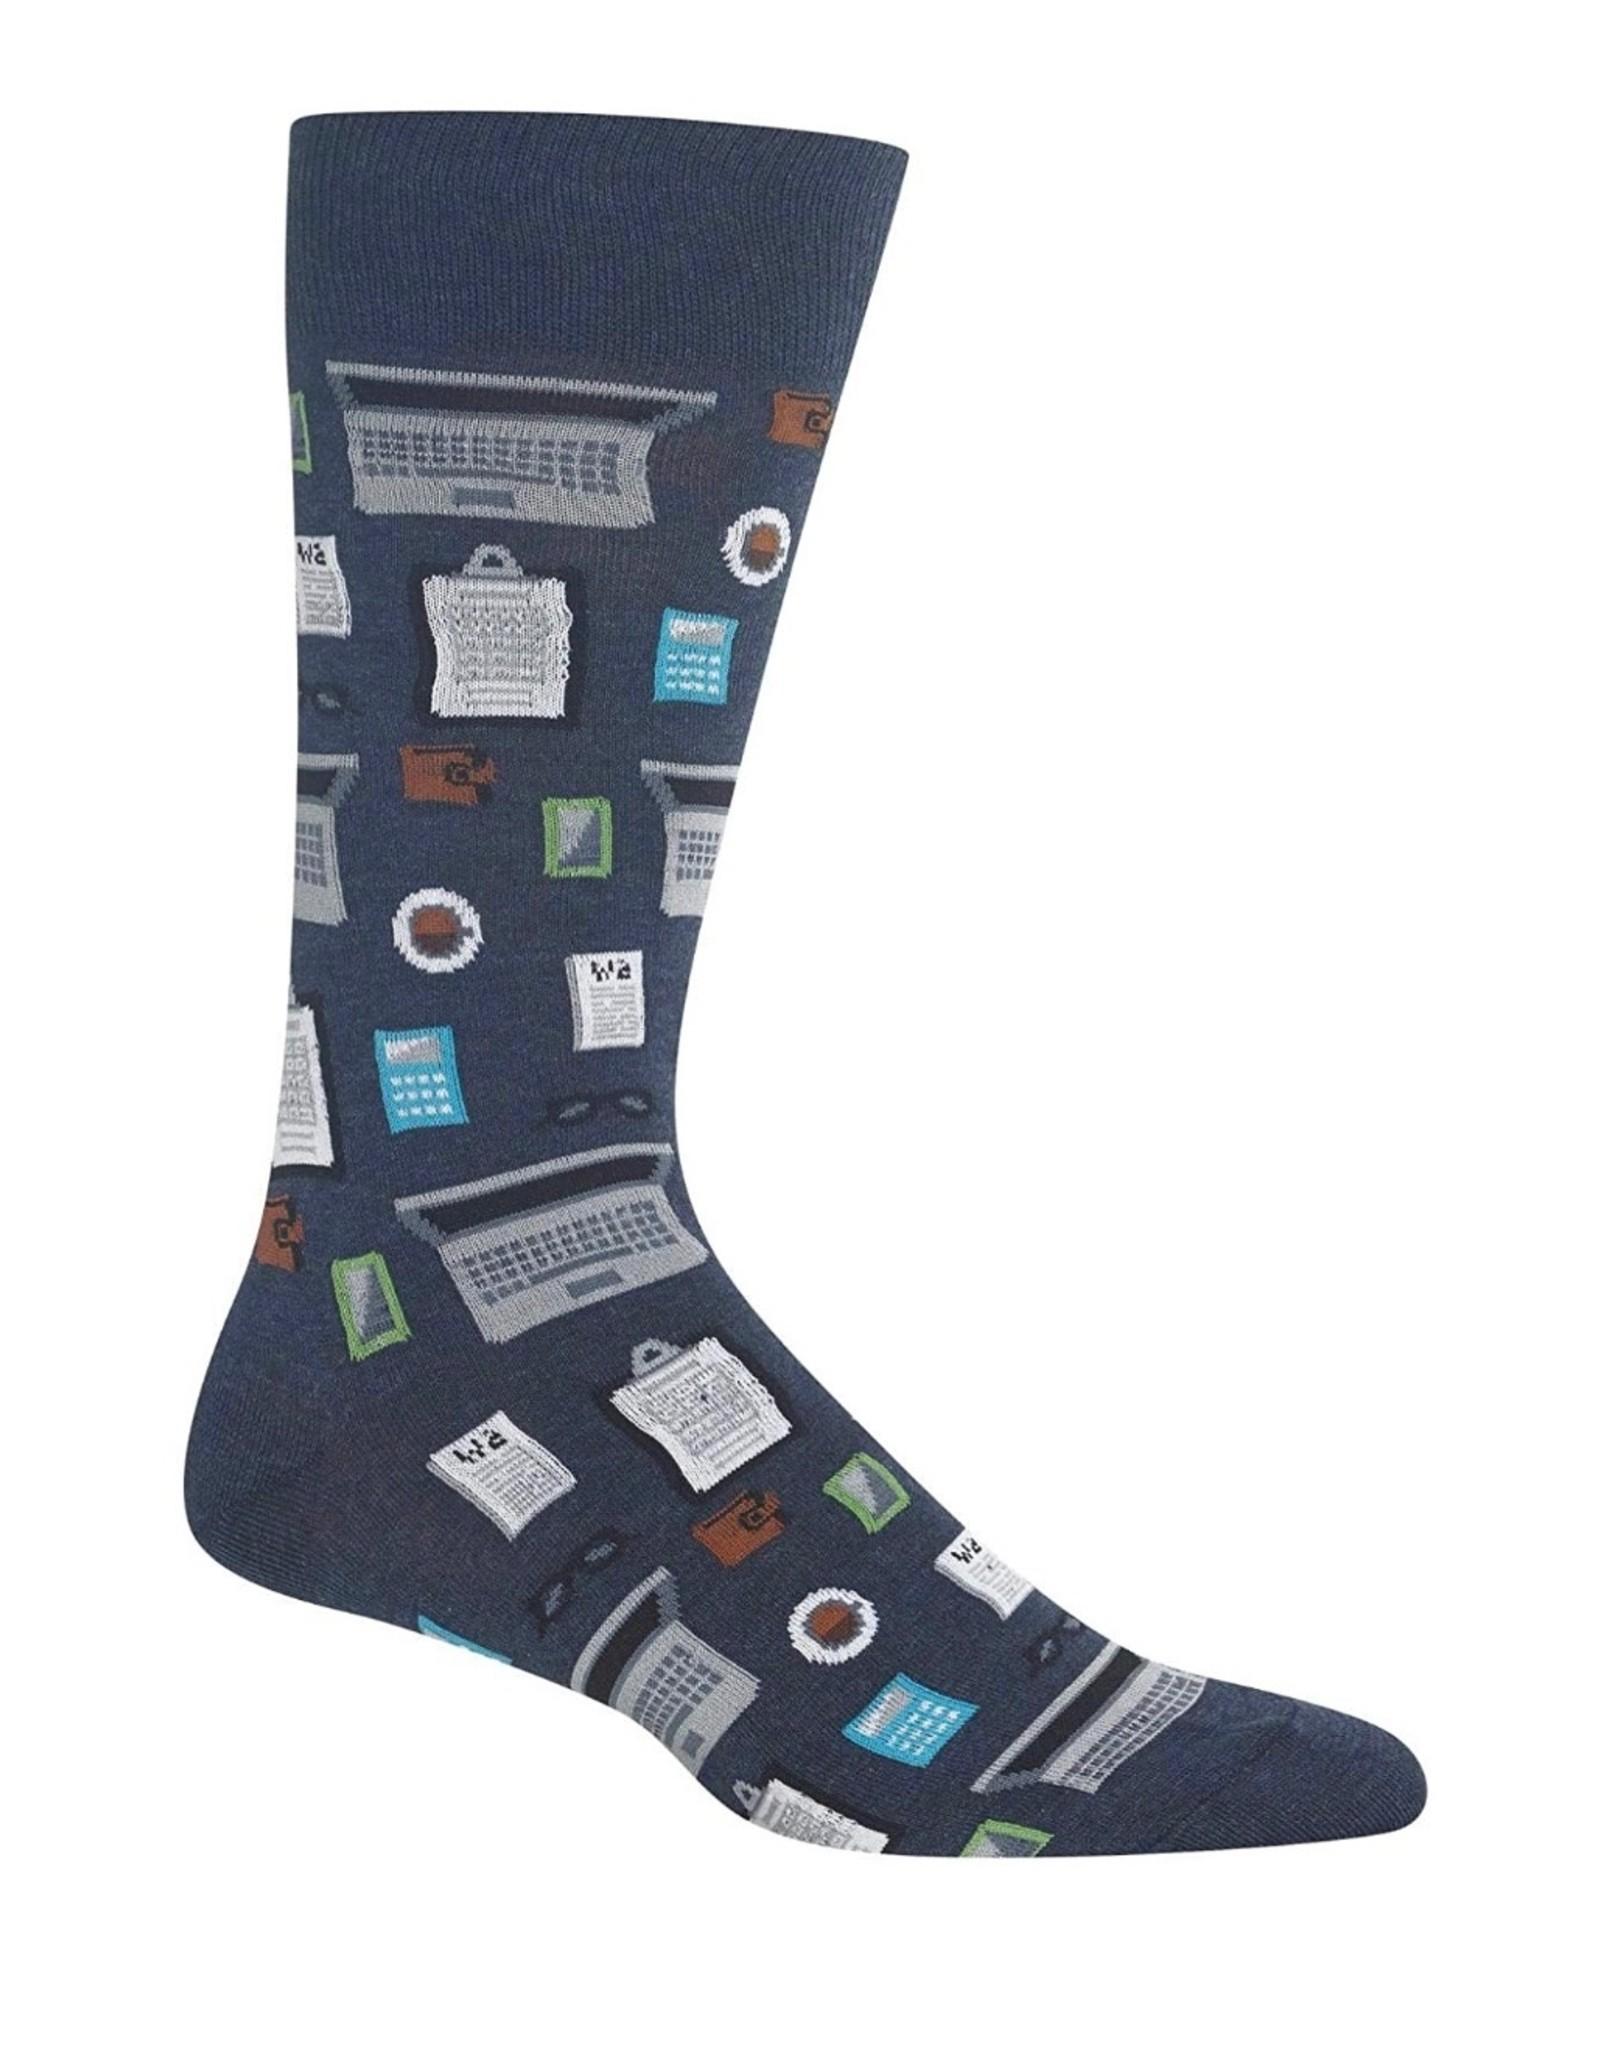 Hotsox Hotsox Men's Medical Crew Socks HM100508